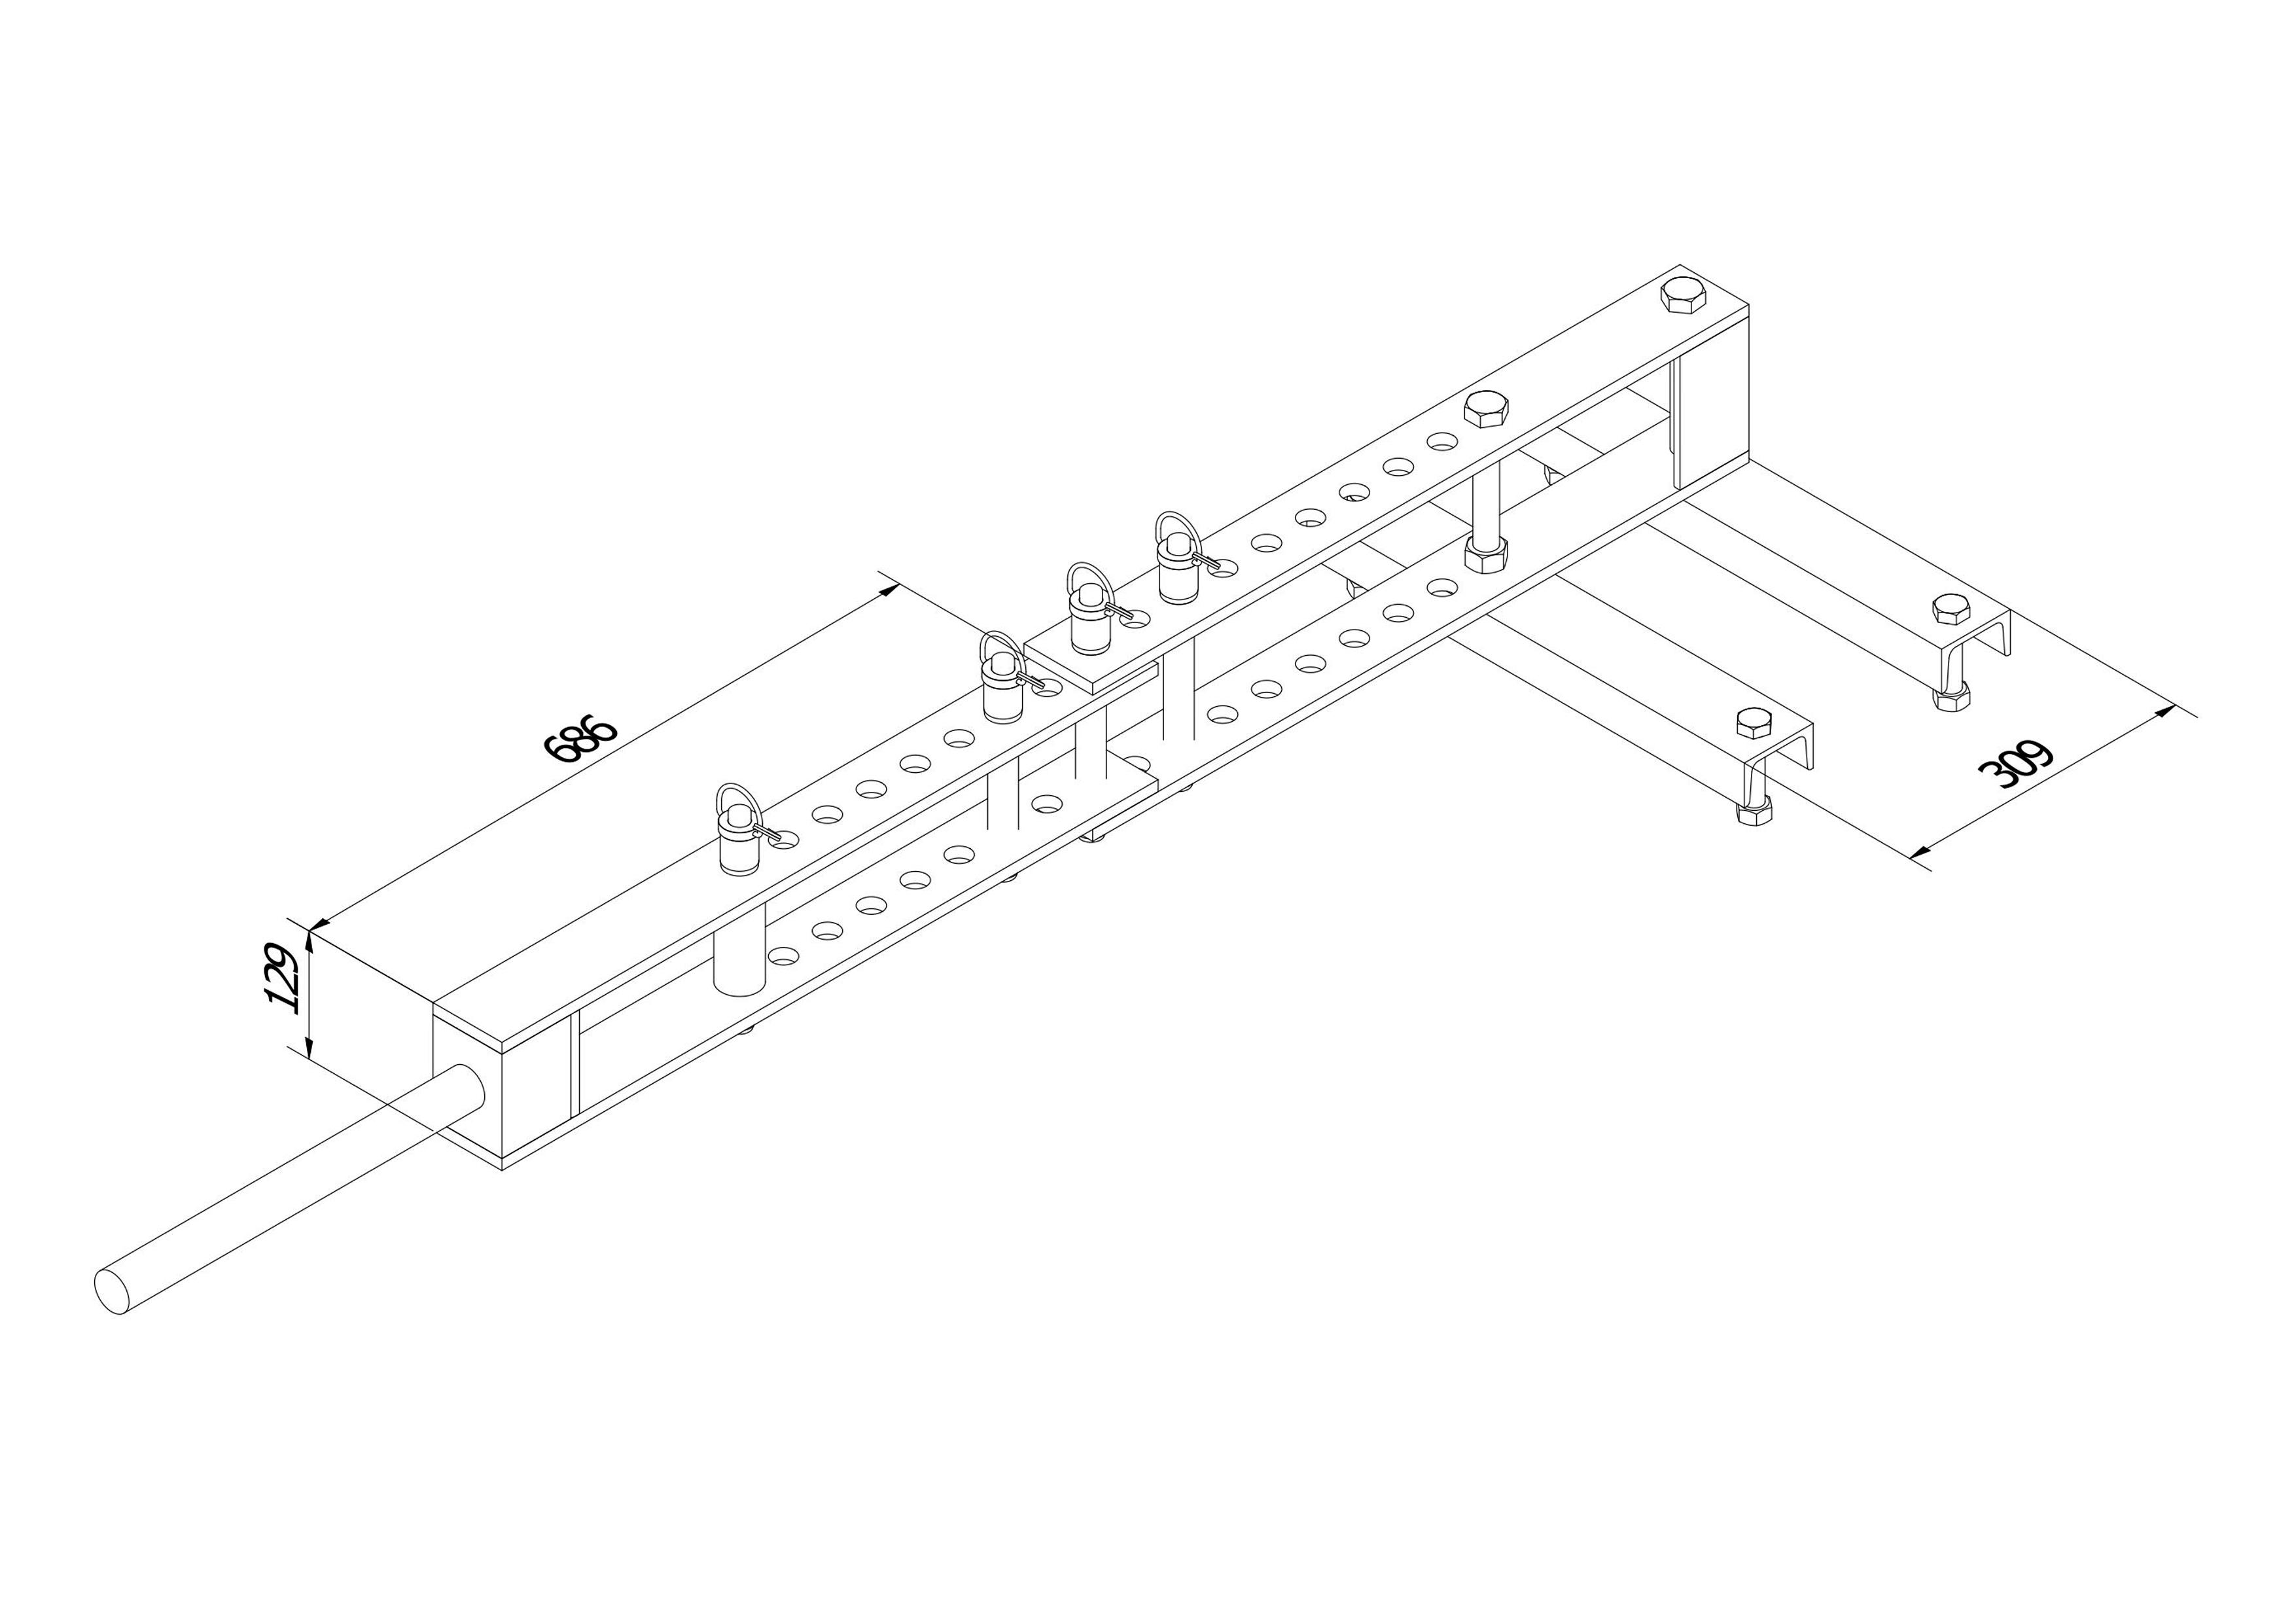 Nkm btb bench-top-bender 0000.jpg